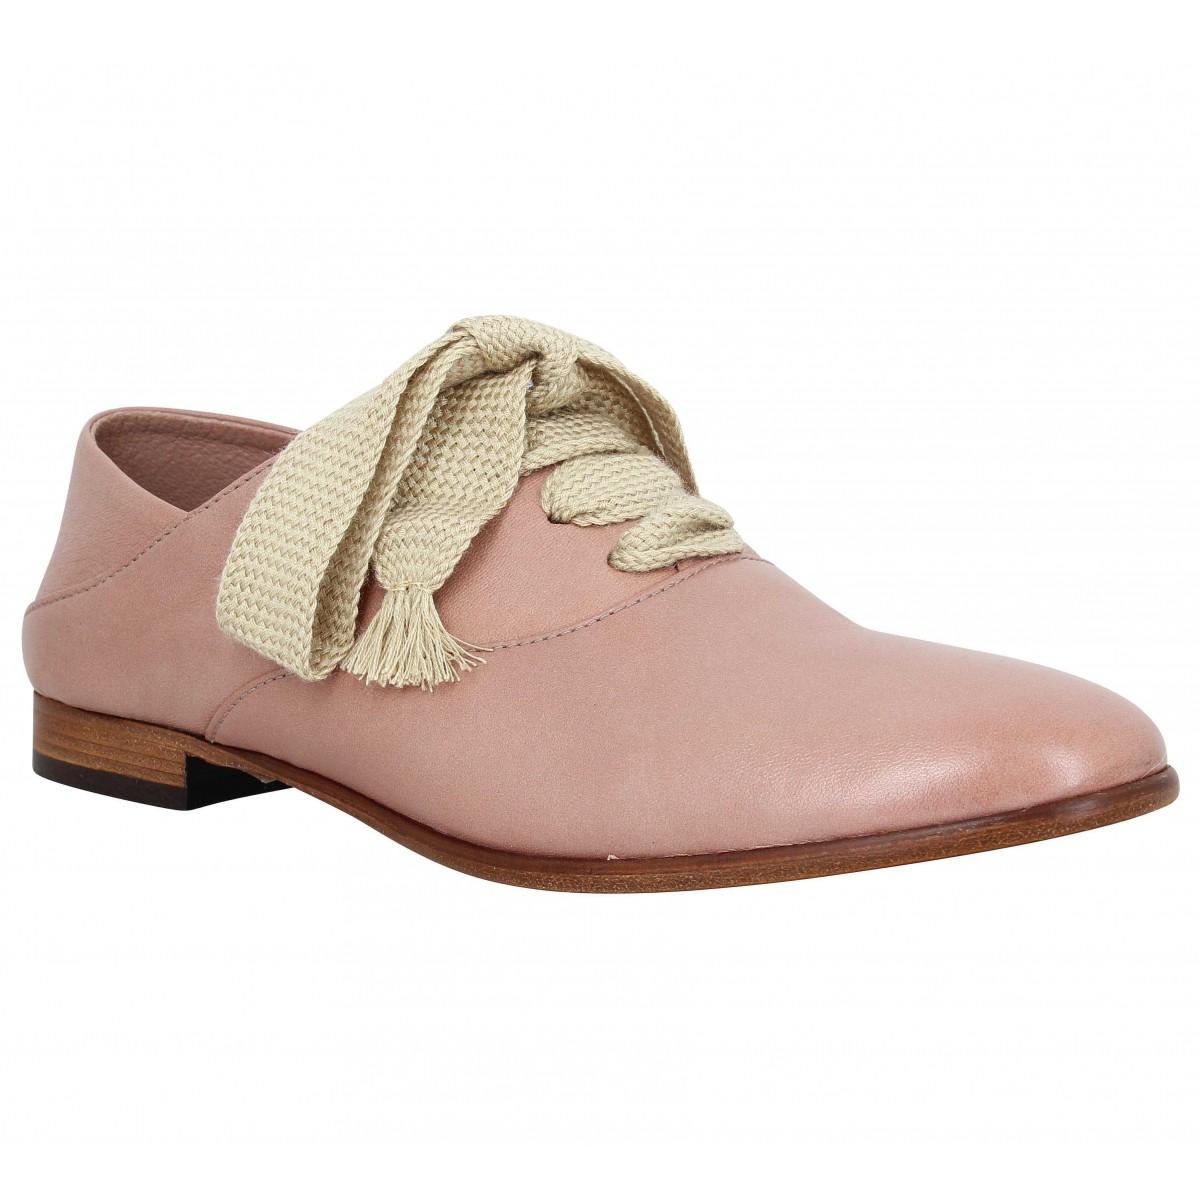 Chaussures à lacets TRIVER FLIGHT 2251 cuir Femme Rose